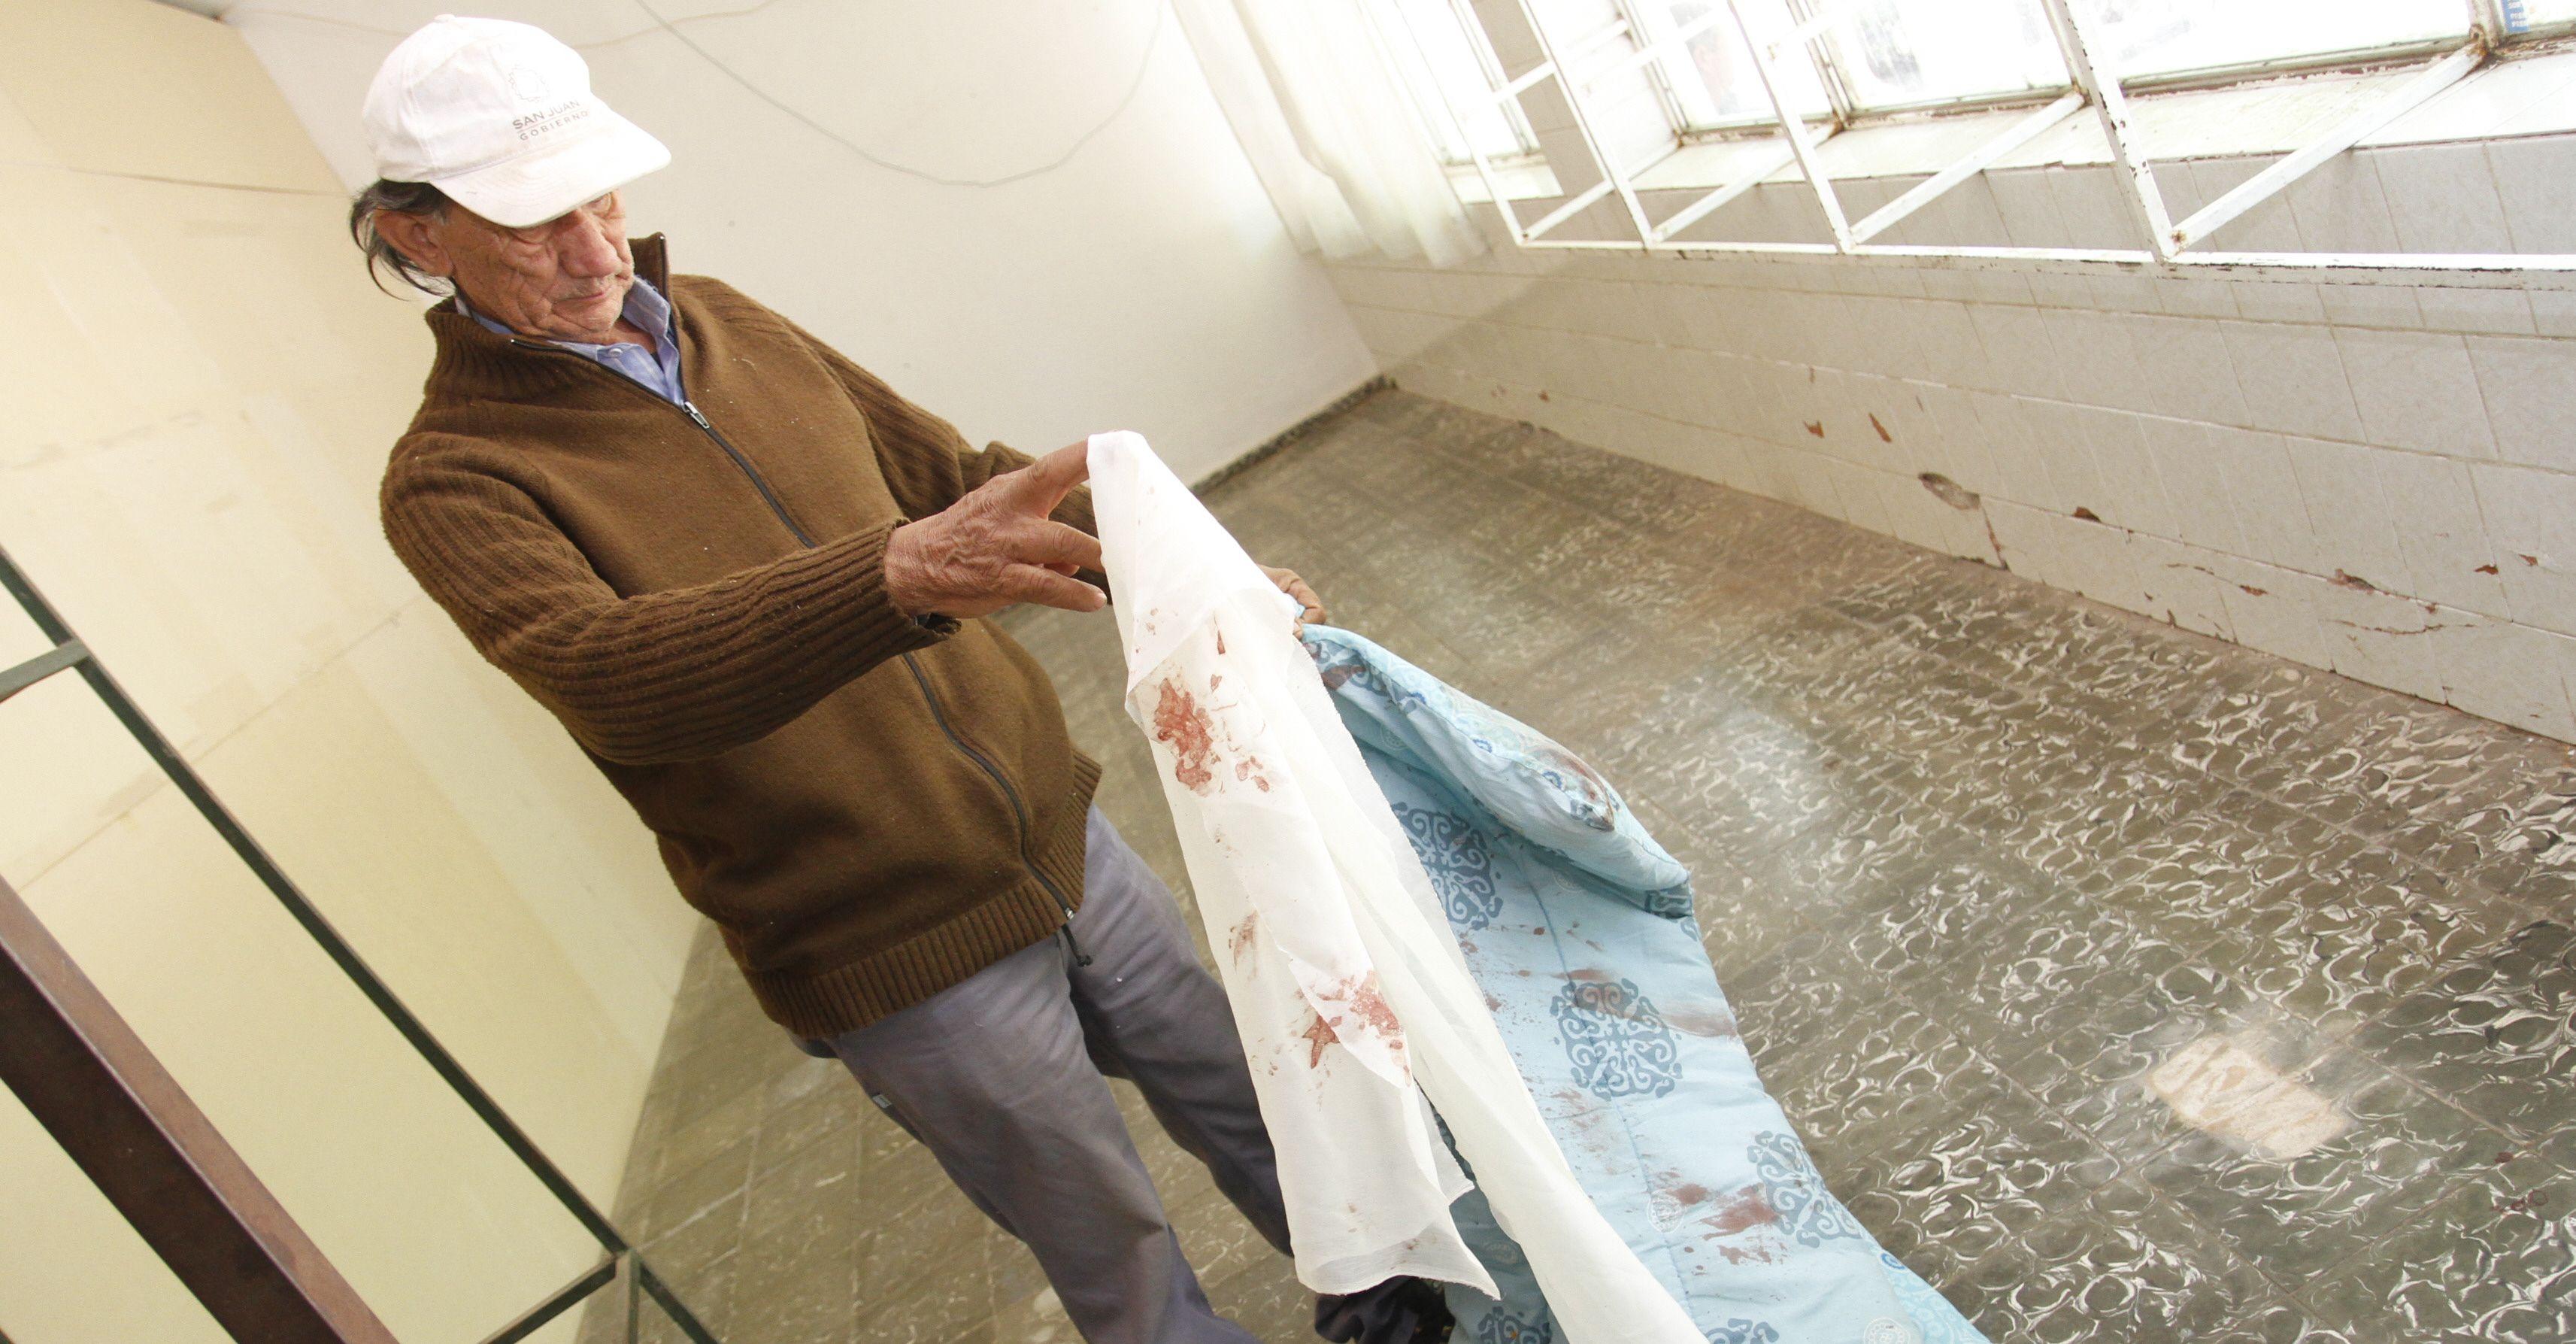 En la casa del ancianoquedaron manchas de sangre luego de que el ladrón lo atacara. Foto: Diario de Cuyo.